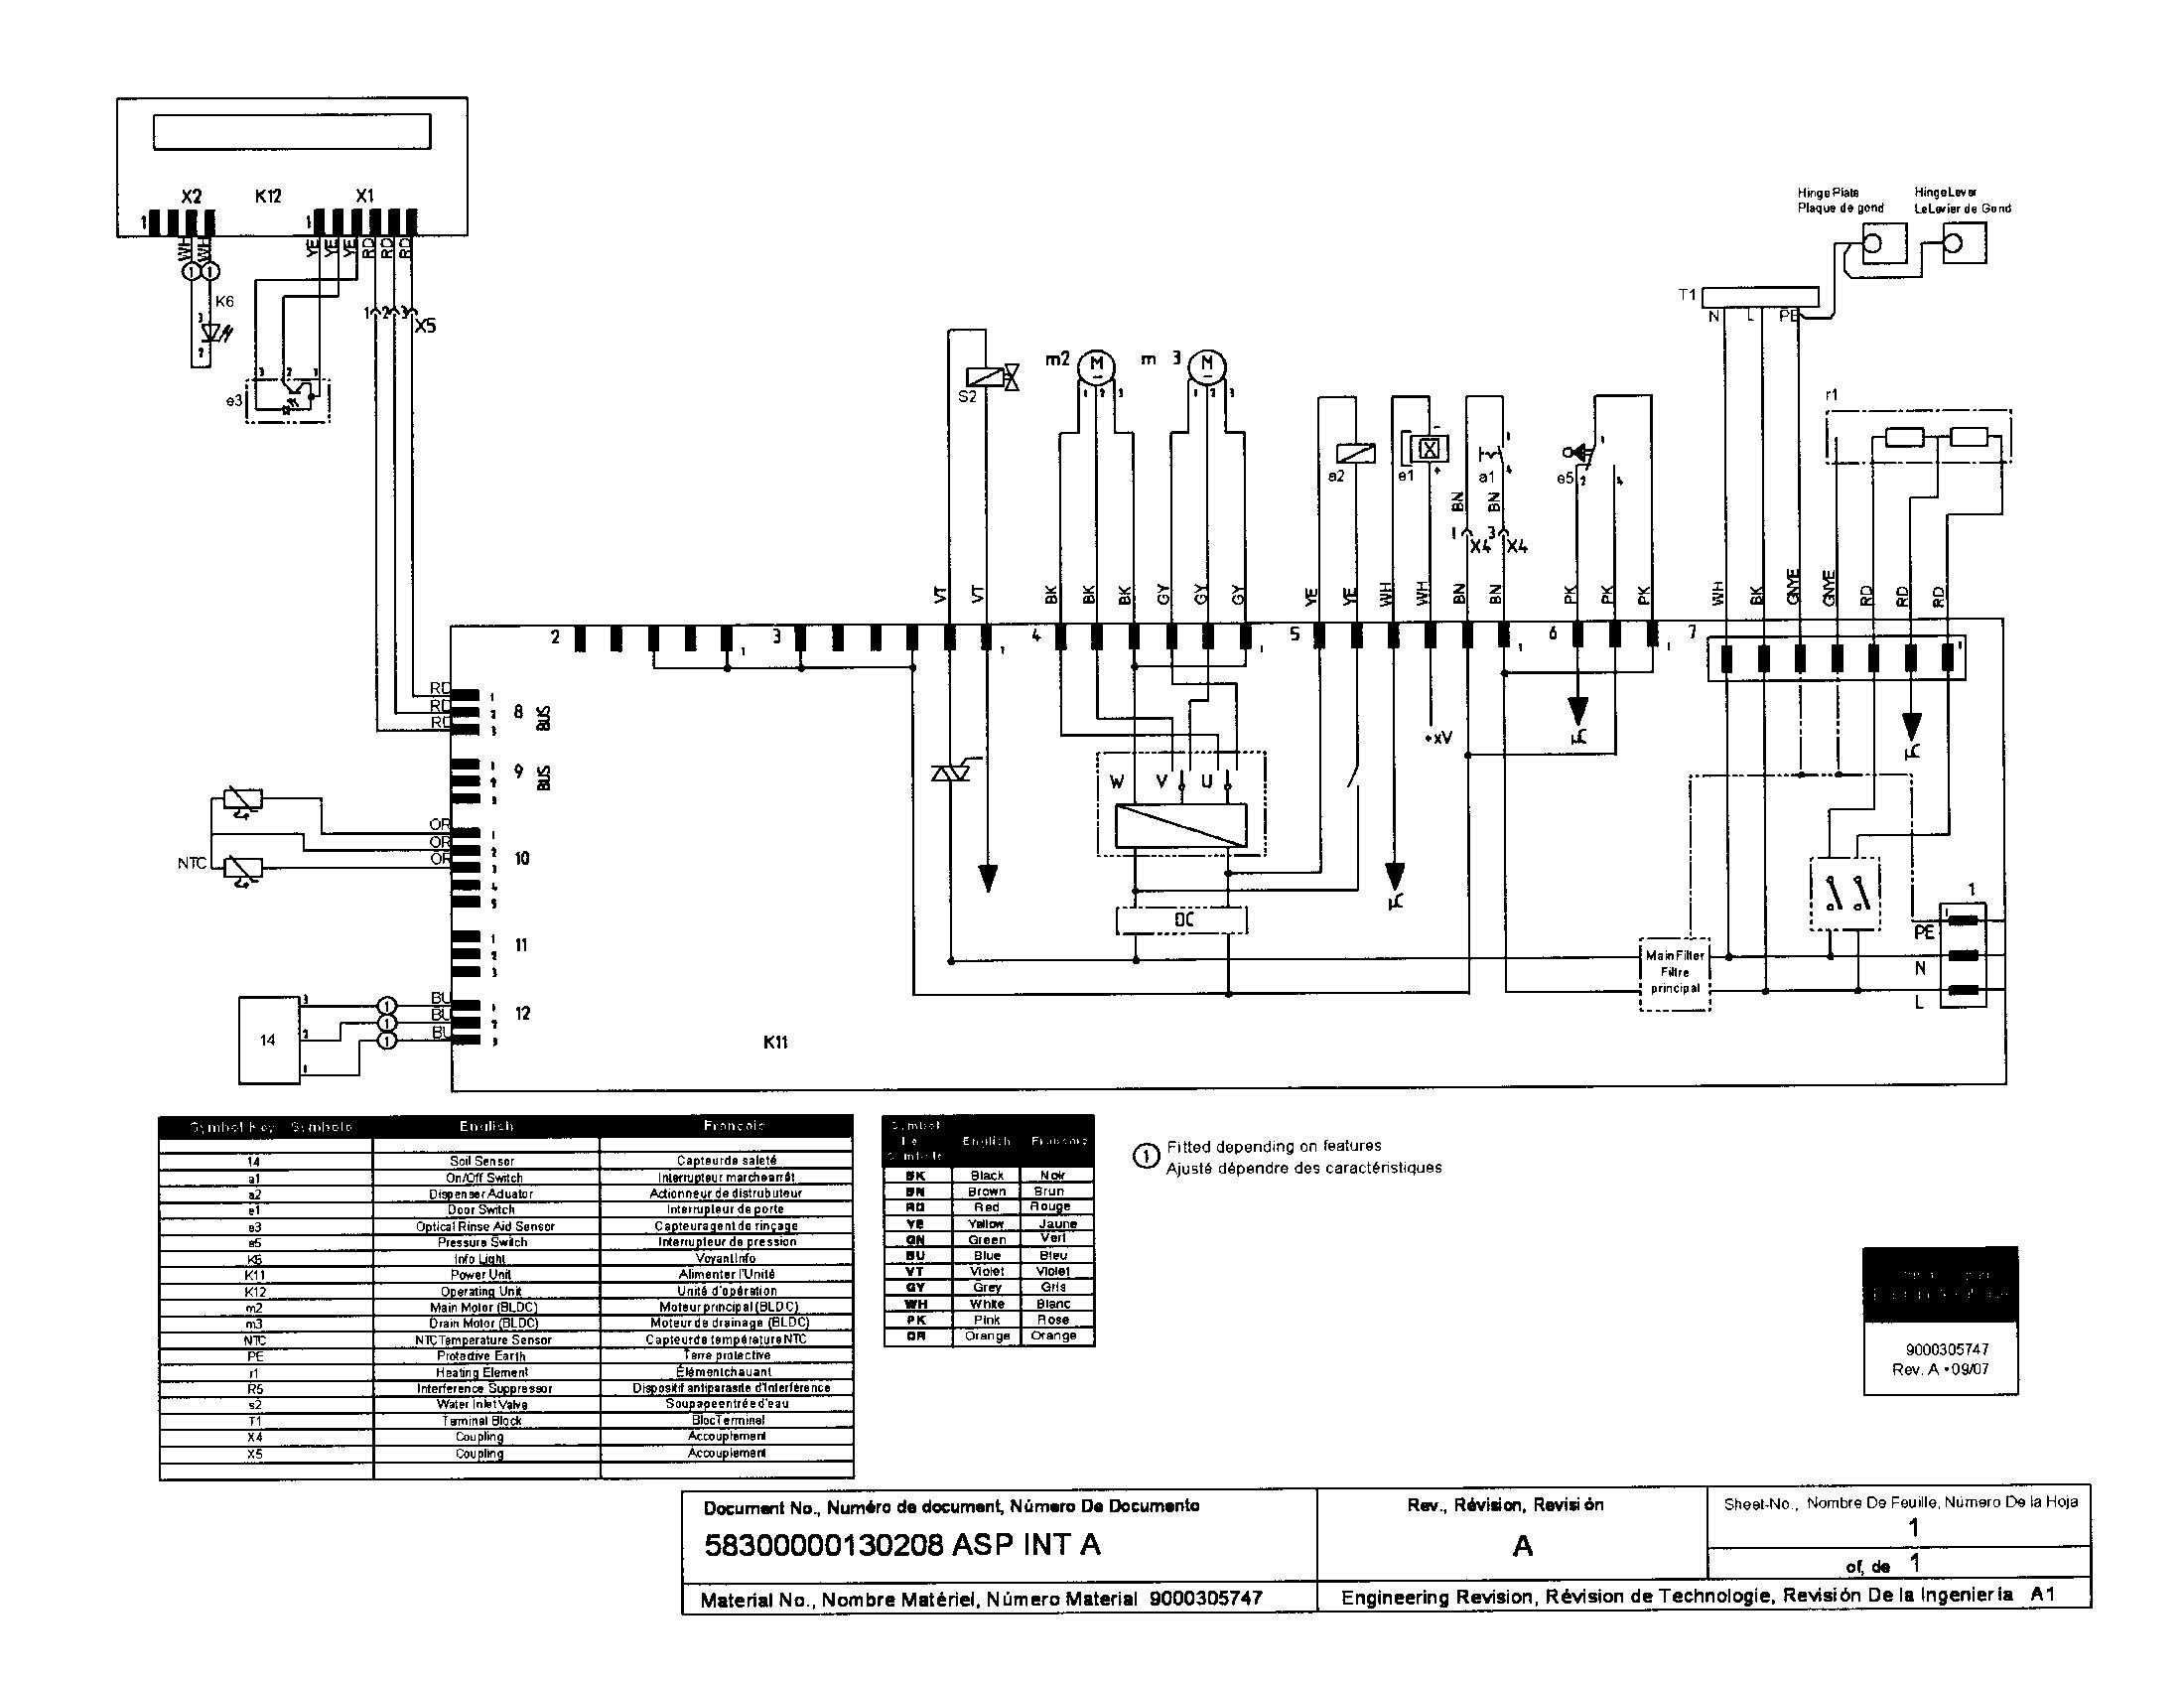 Diagram Diagramtemplate Diagramsample